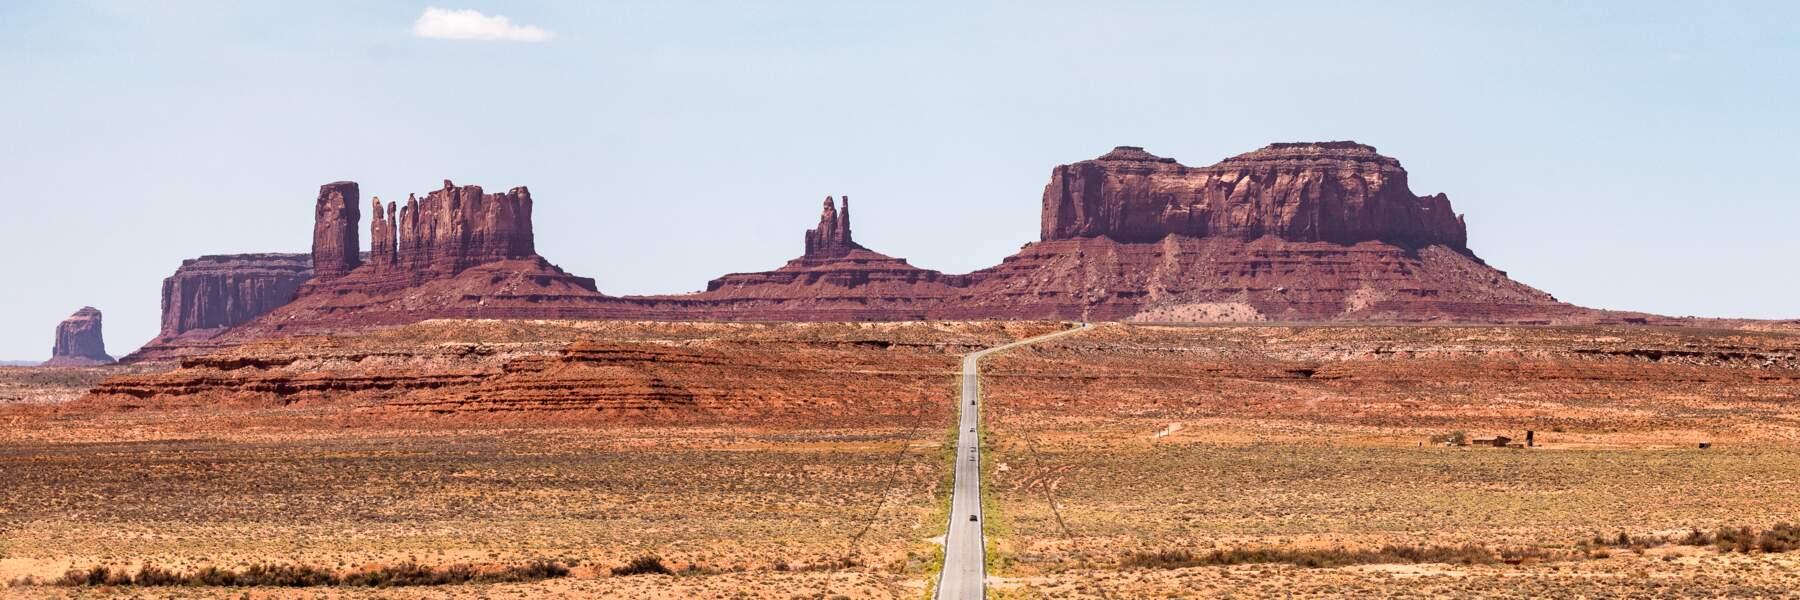 Sur la route 163, surgit un paysage mythique…